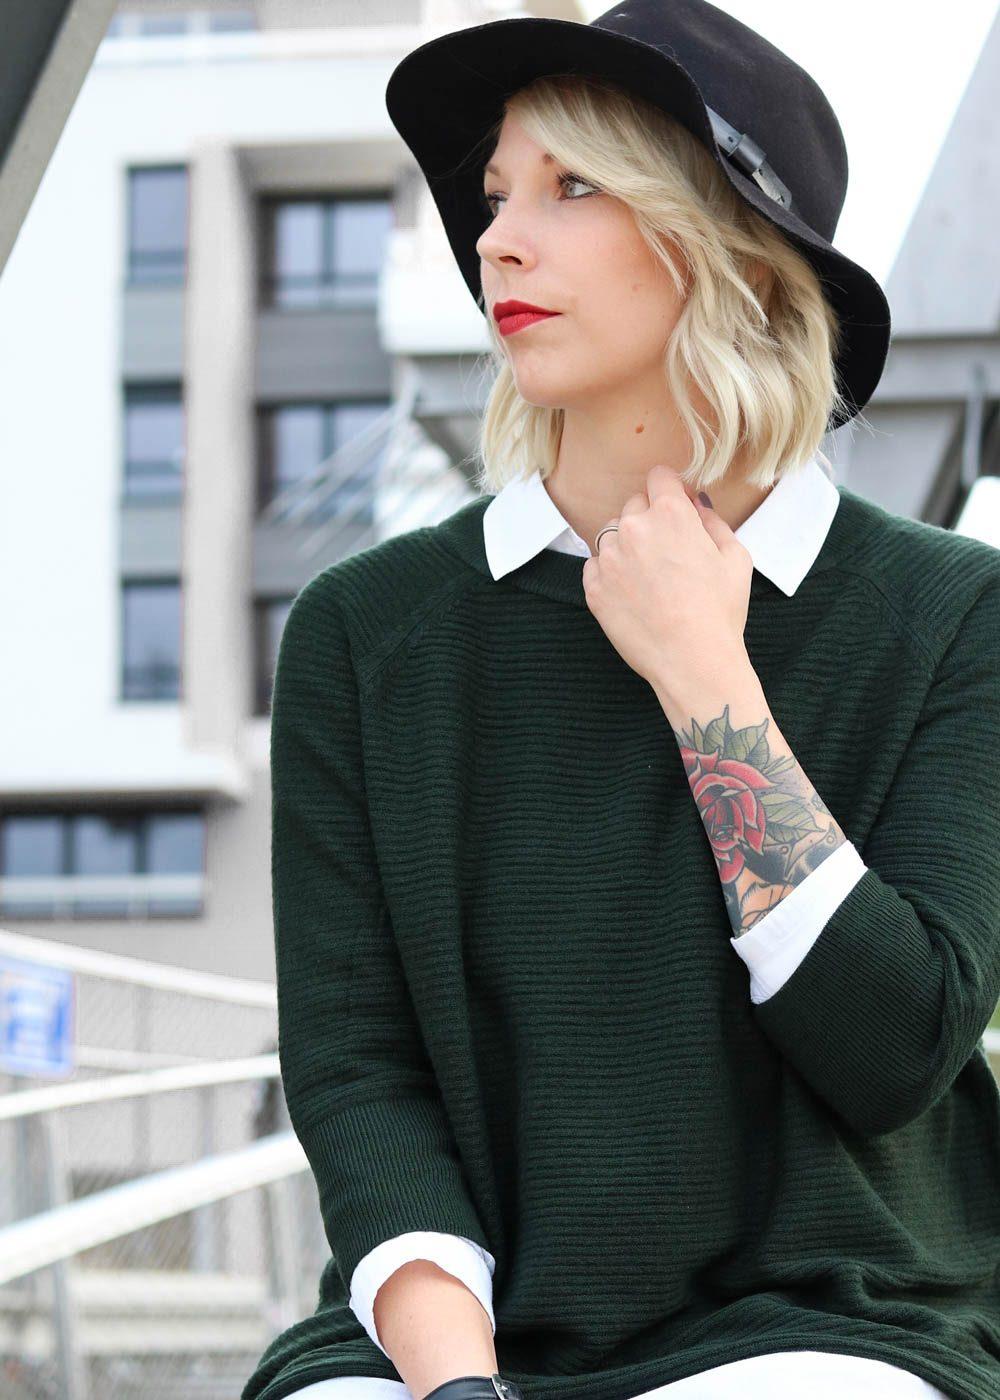 outfit-gruener-strickpullover-weisse-bluse-schwarze-jeans-19-von-20